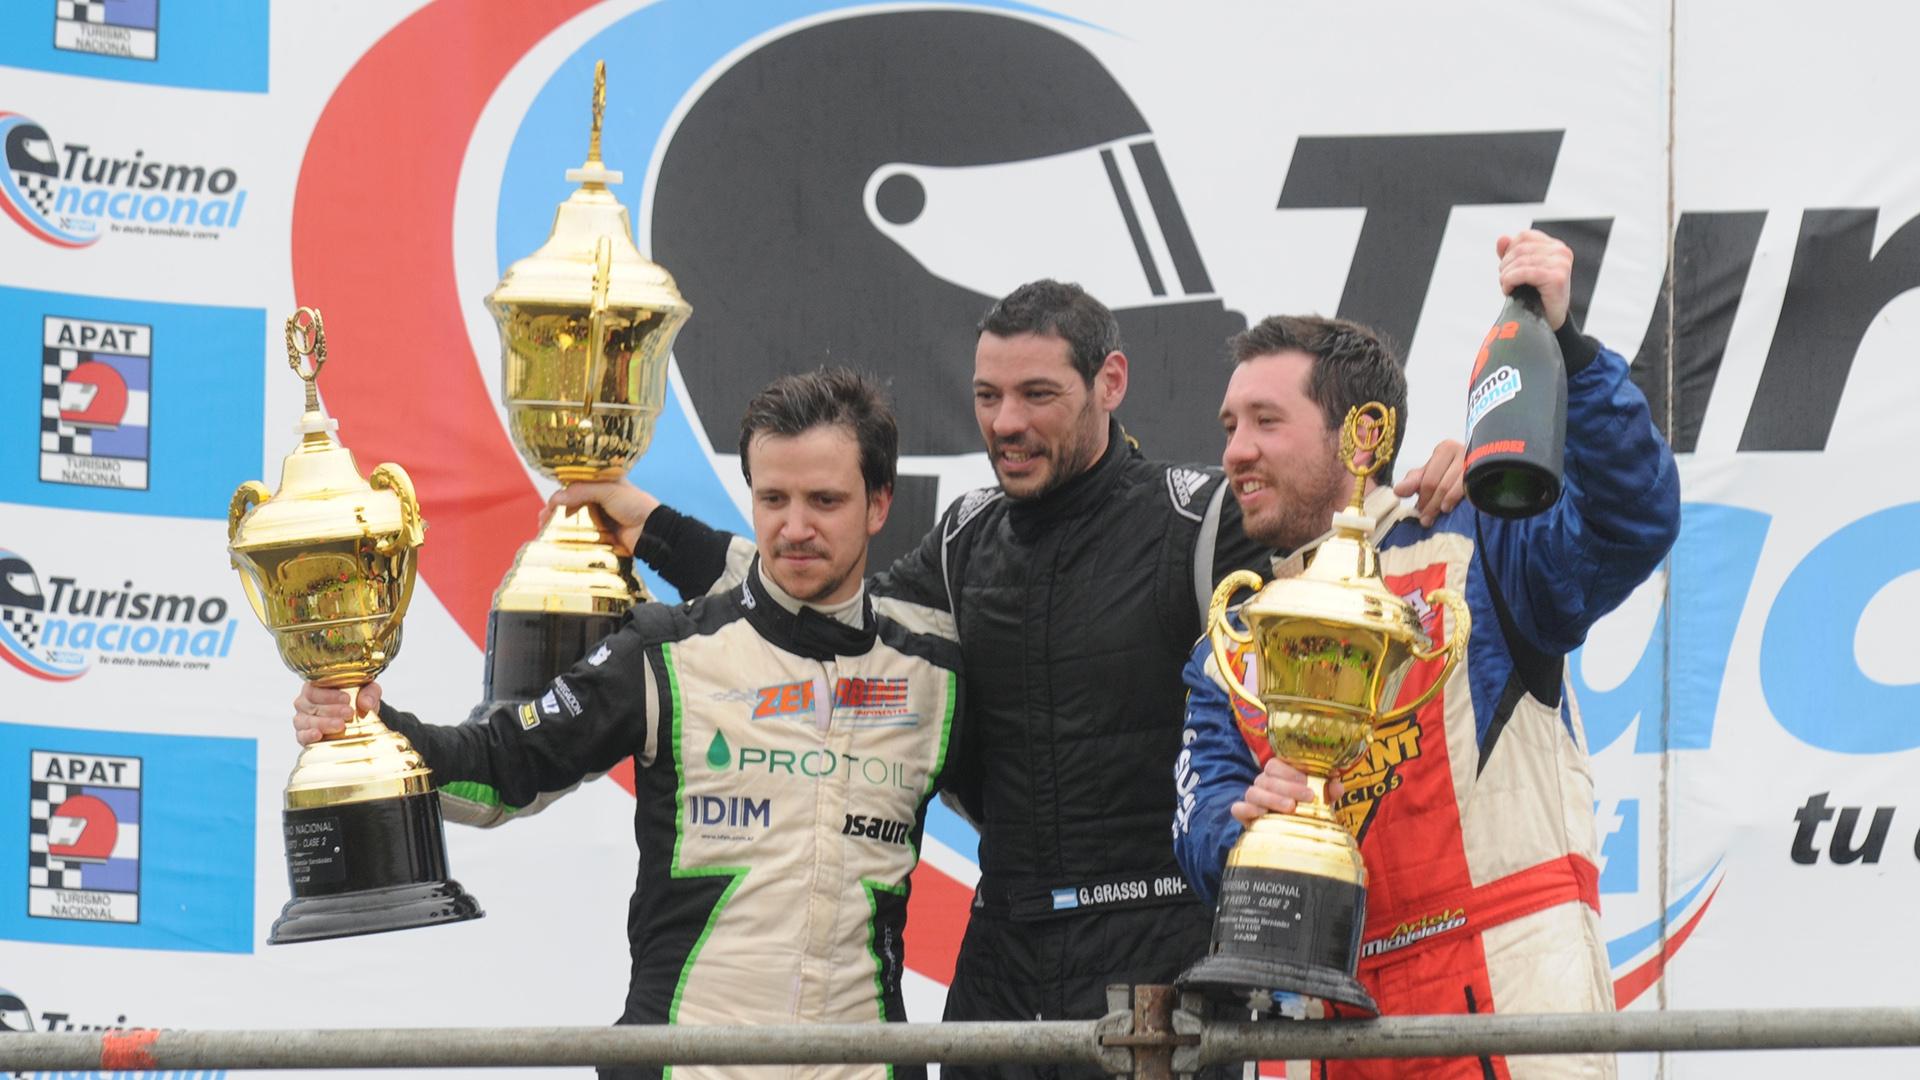 Victoria de Grasso y Campeonato para Posco